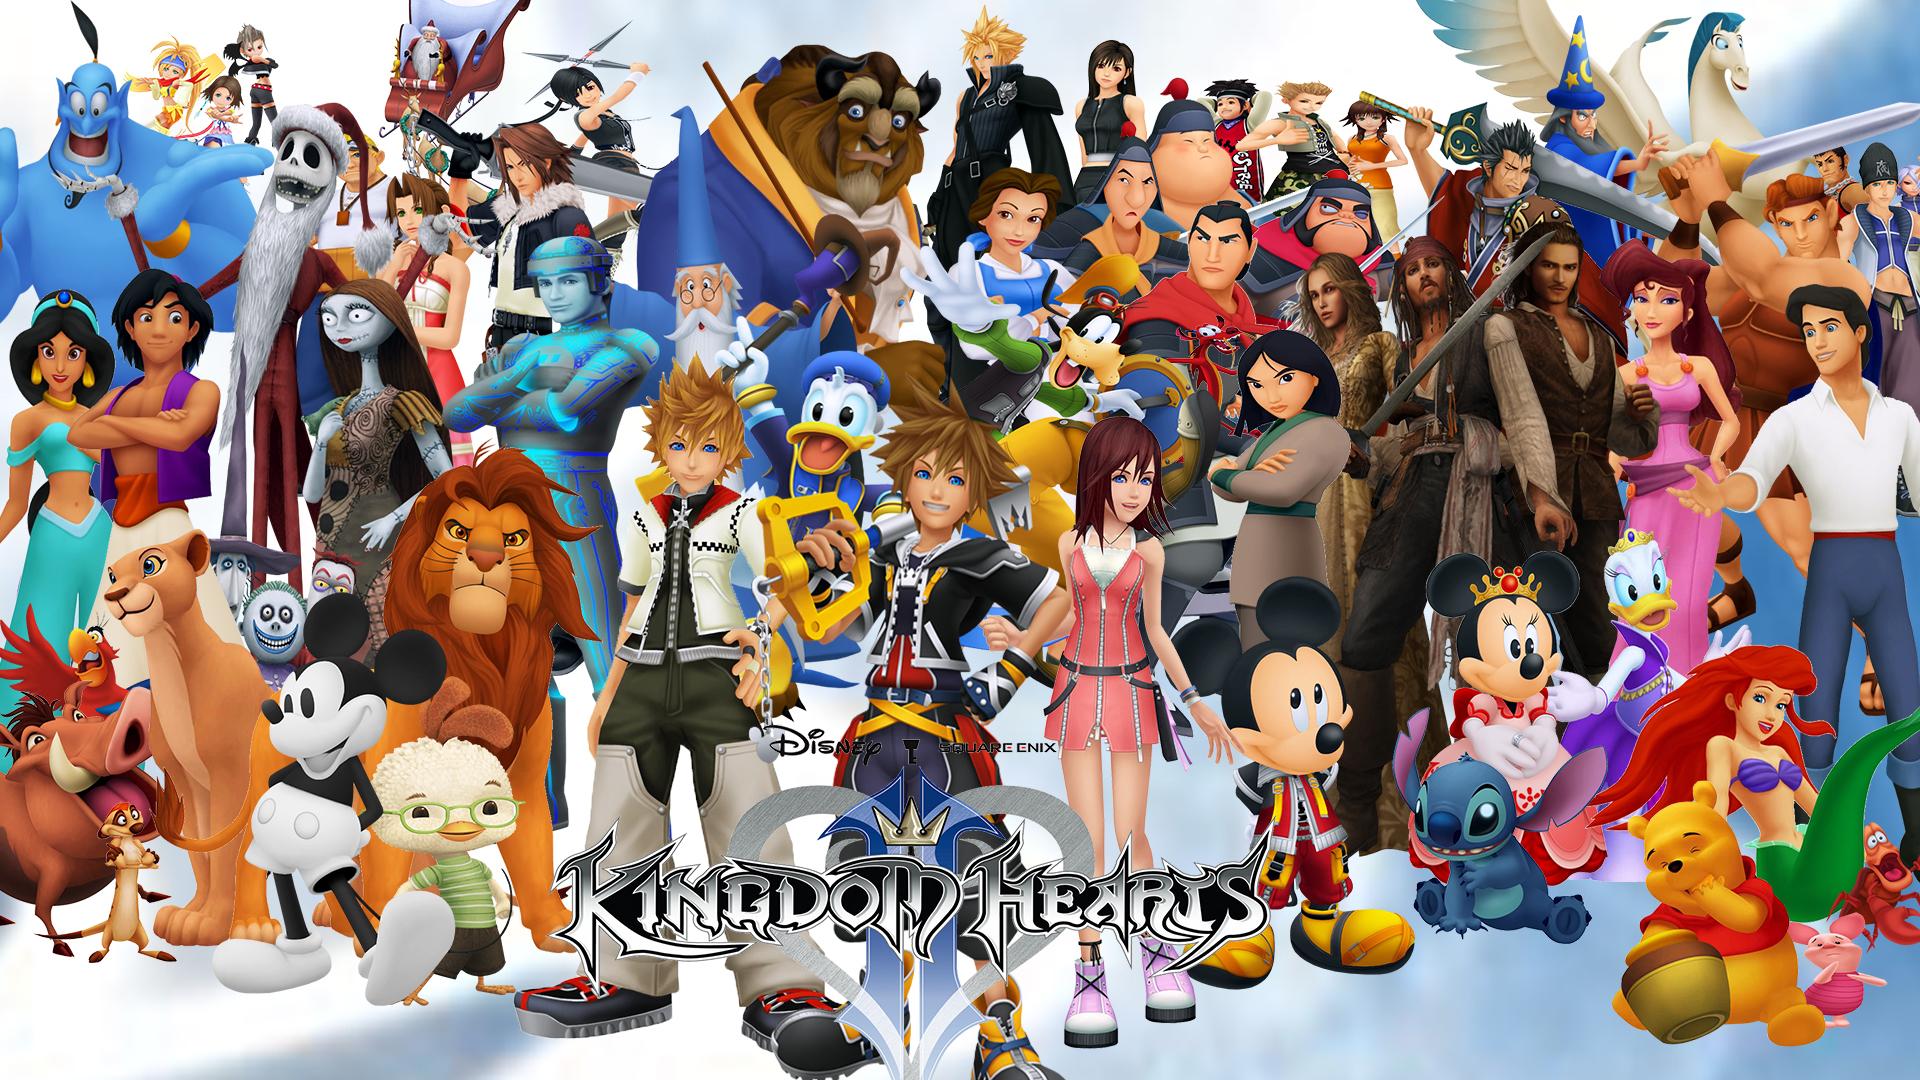 Kingdom Hearts II/III - Xigbar by Pharaohmones on DeviantArt